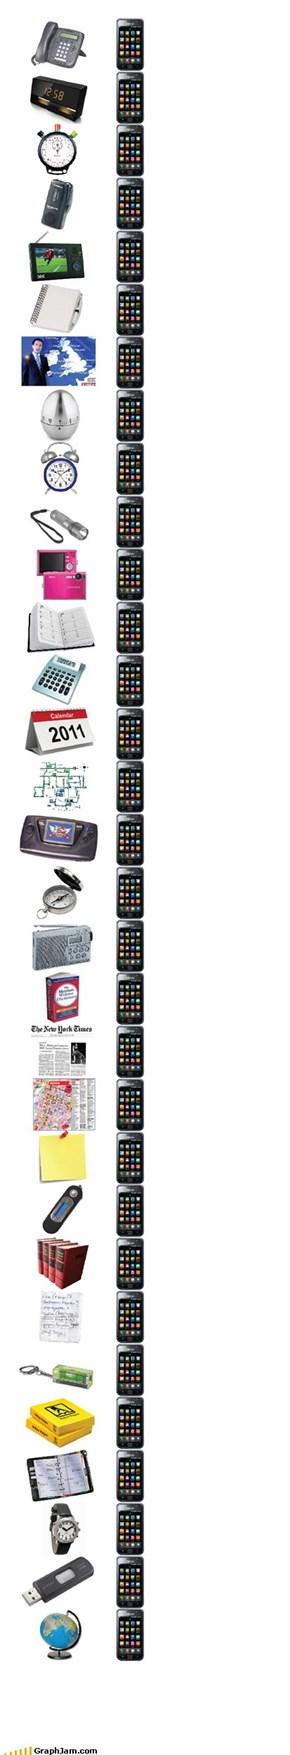 Gadgets 2000 vs. Gadgets 2012